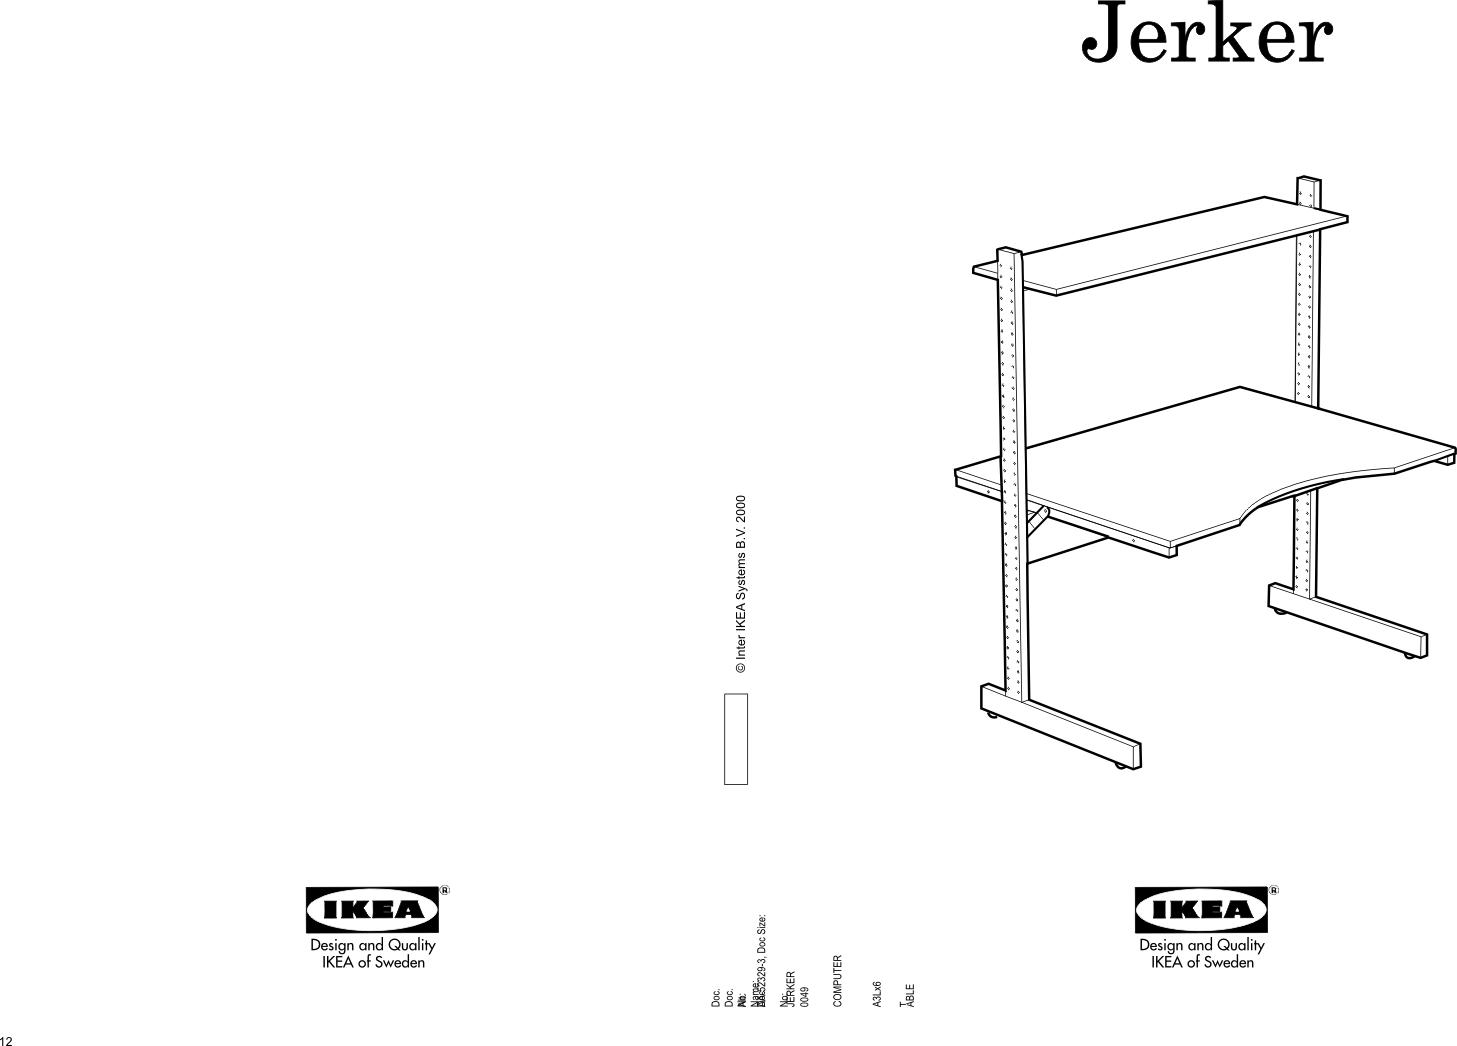 DingoBox: IKEA Jerker instrukcja montażu